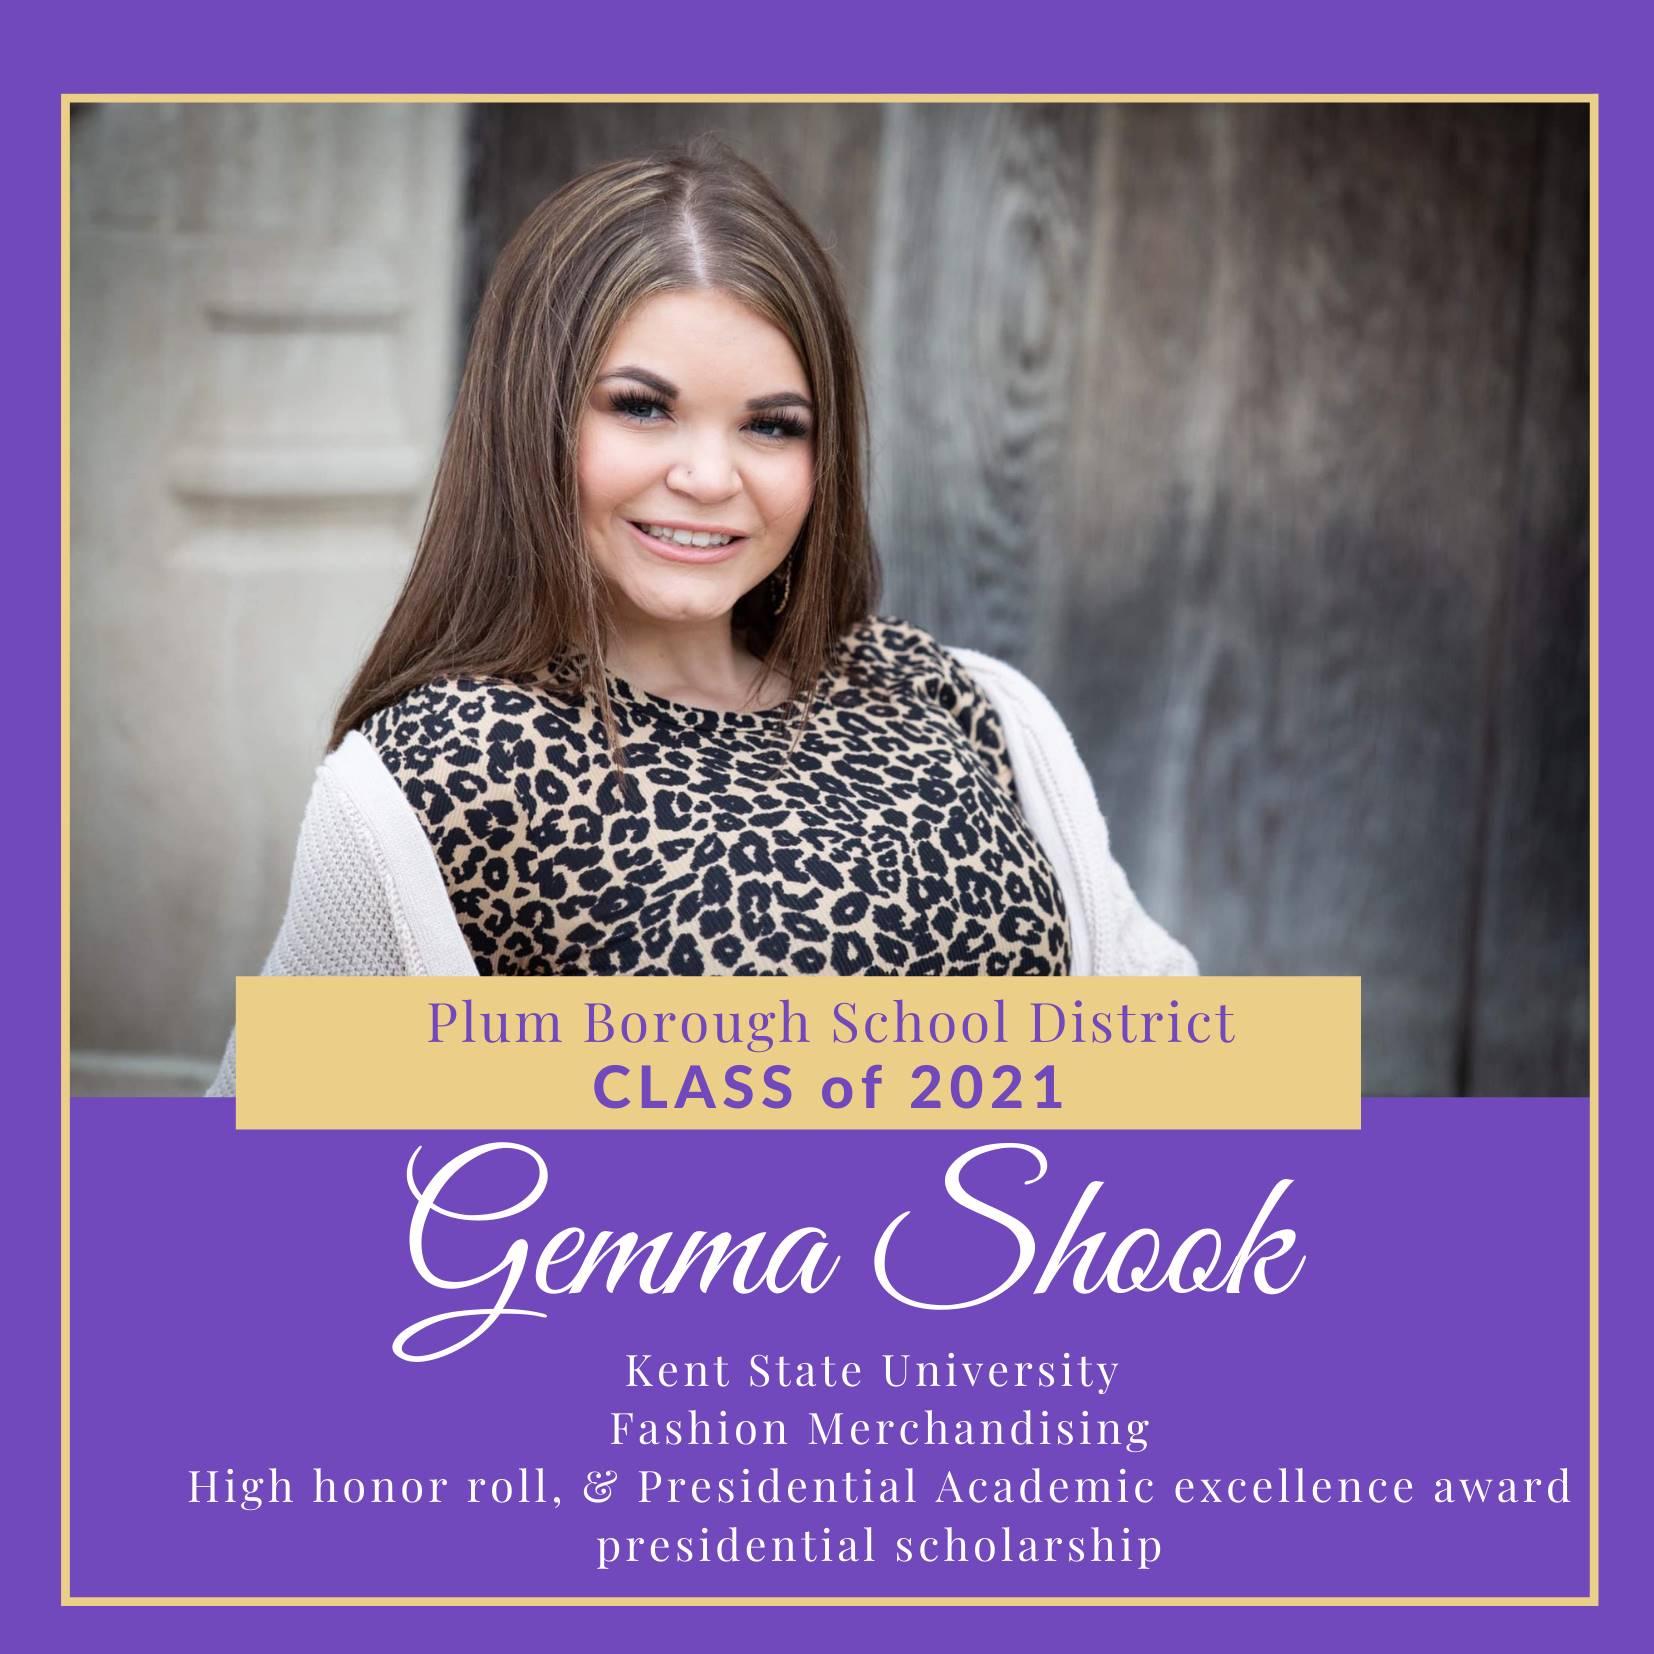 Congratulations to Gemma Shook, Class of 2021!